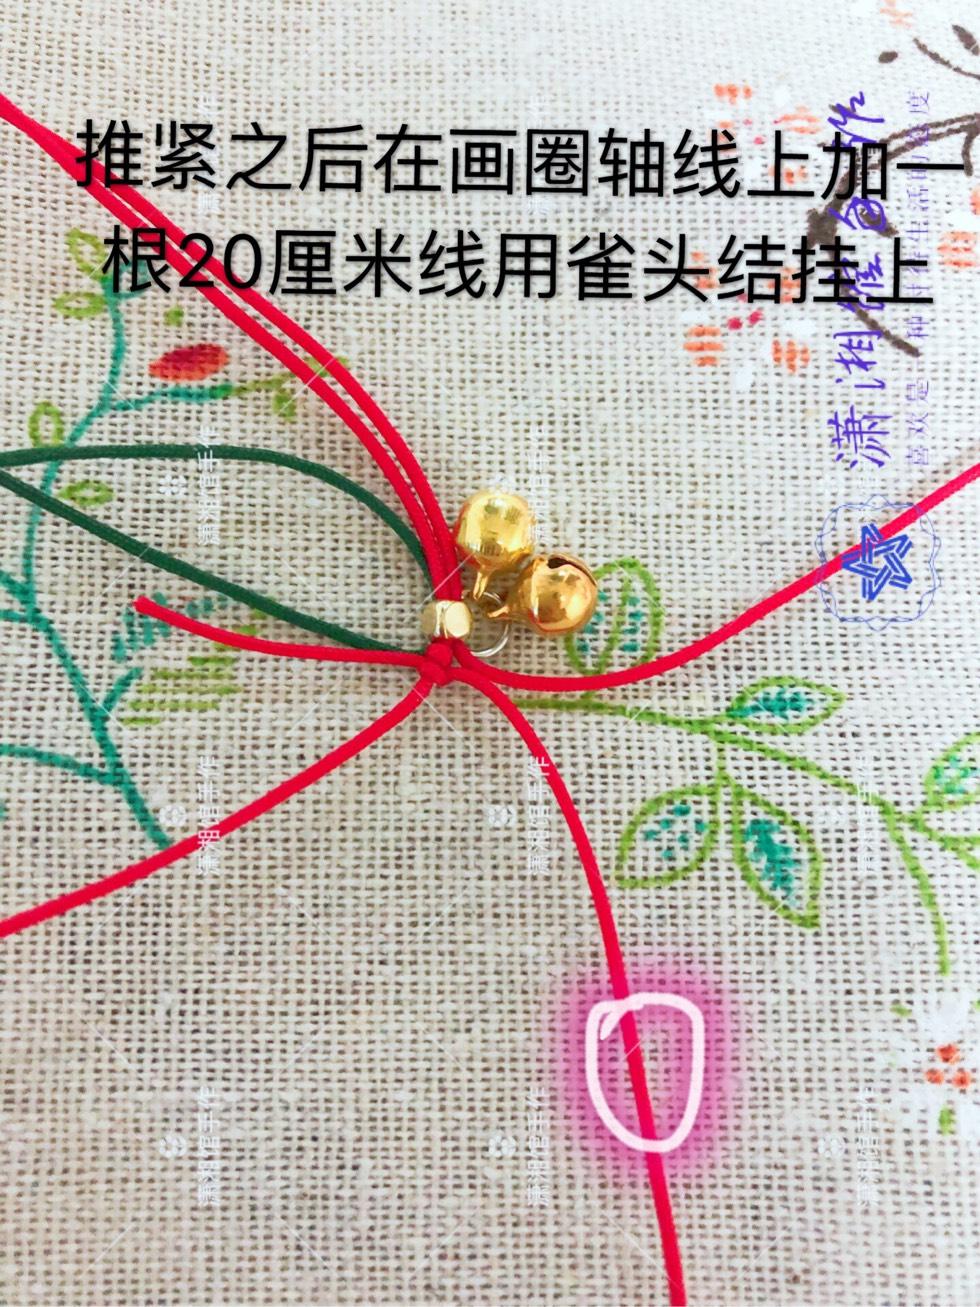 中国结论坛 圣诞节蝴蝶结手链  图文教程区 114822uuwuuhsf90zuwfzs